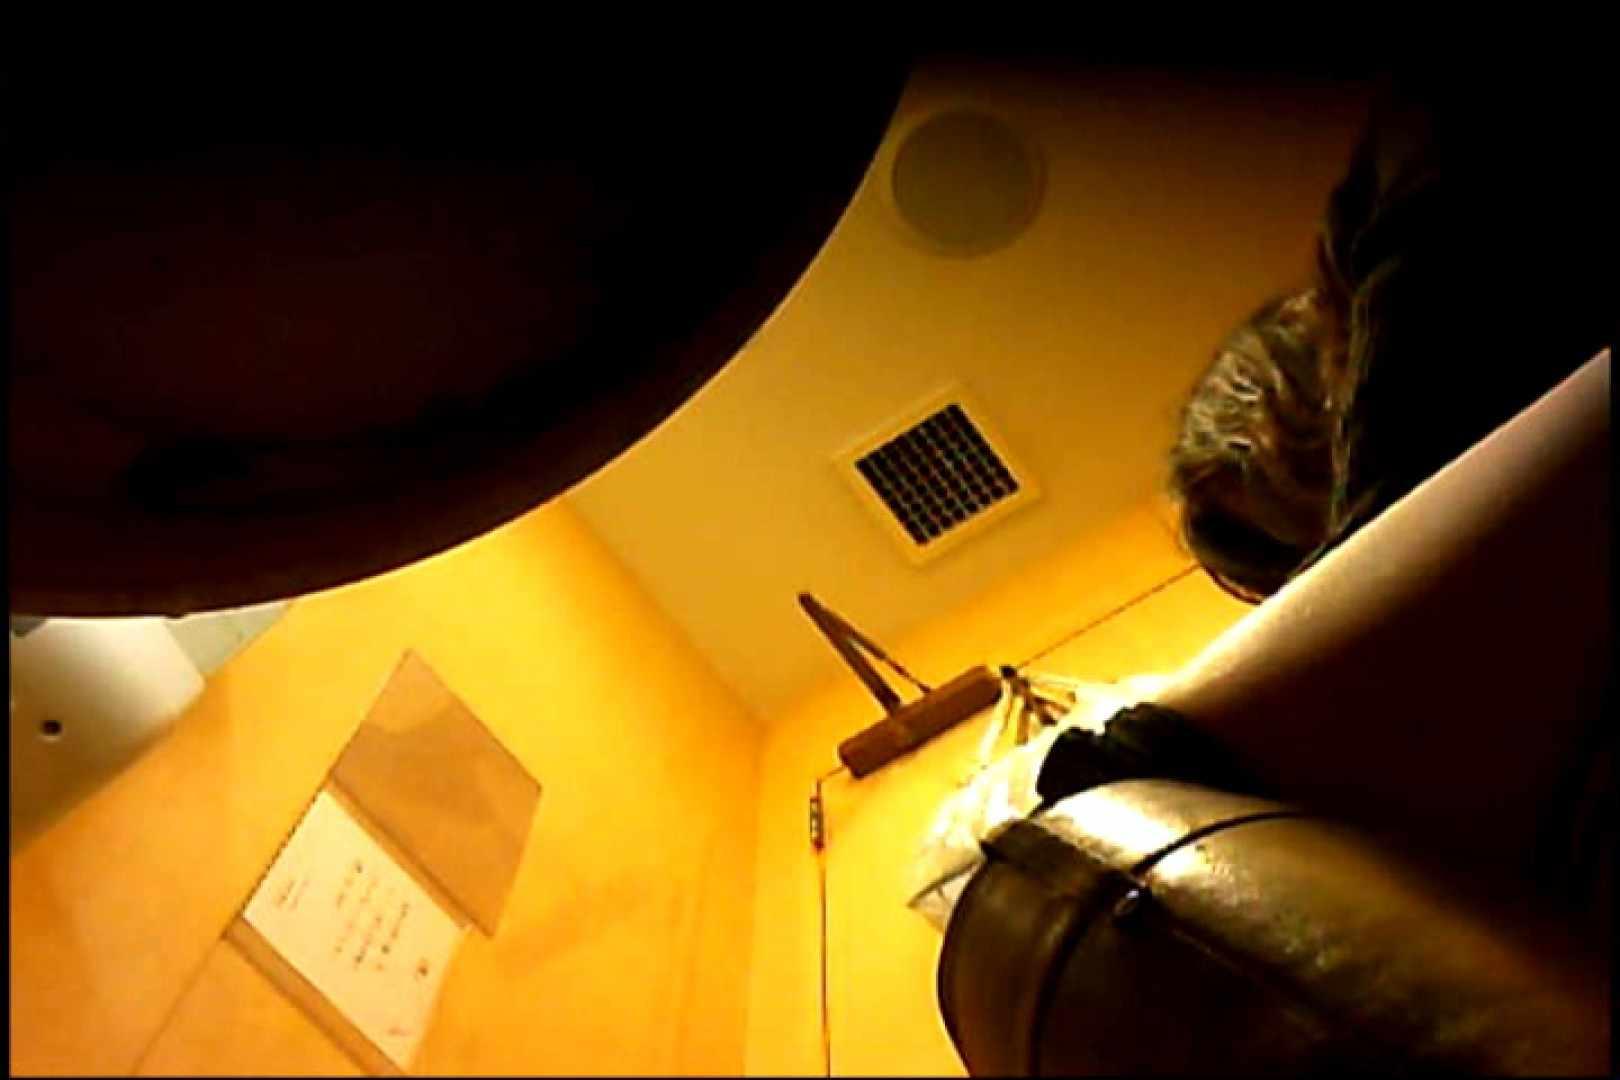 マダムが集まるデパートお手洗い Vol.11 エッチなお姉さん おまんこ無修正動画無料 35画像 3